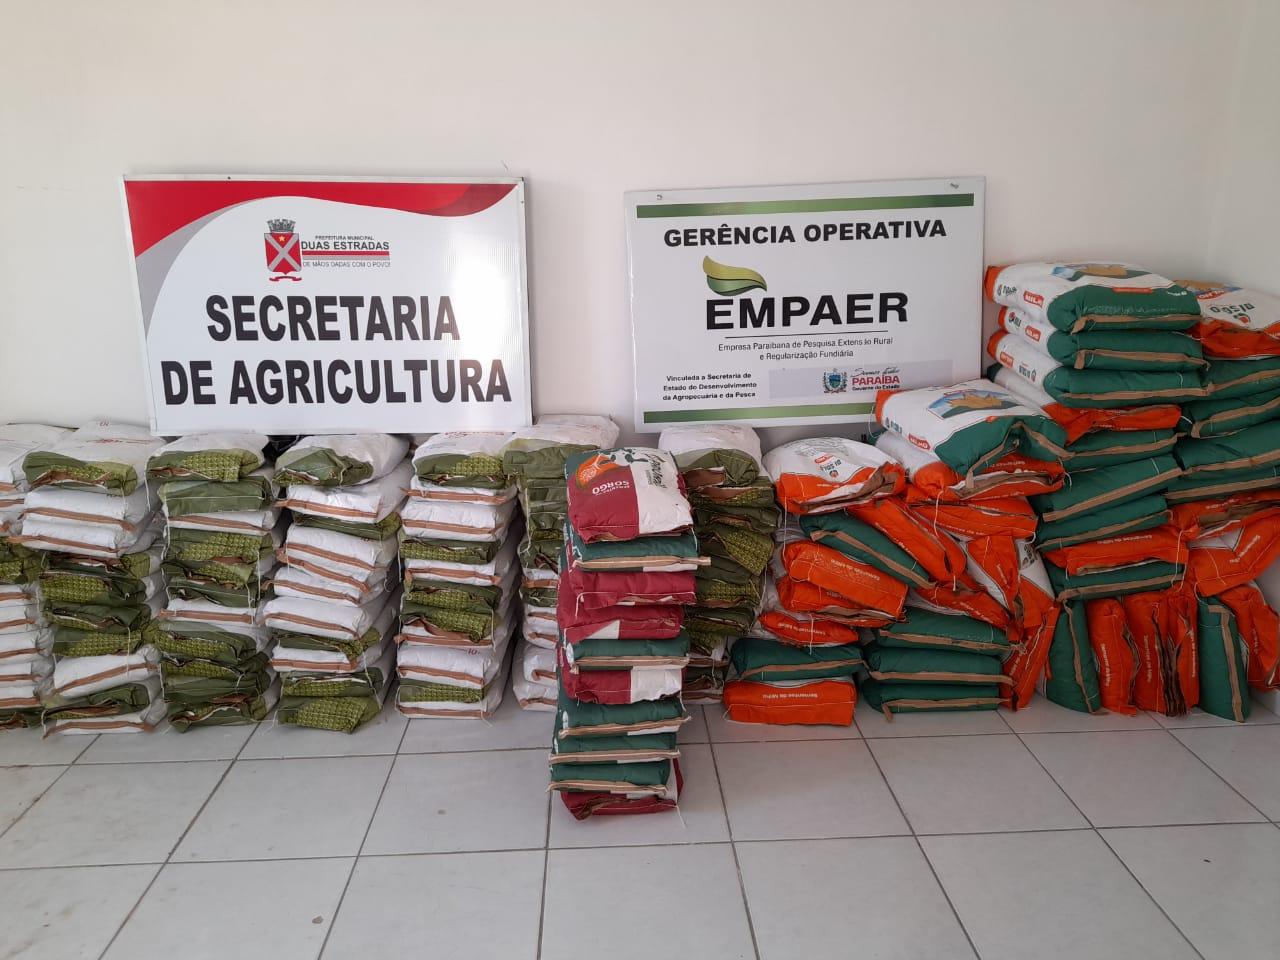 Prefeitura de Duas Estradas distribui sementes para agricultores do Município